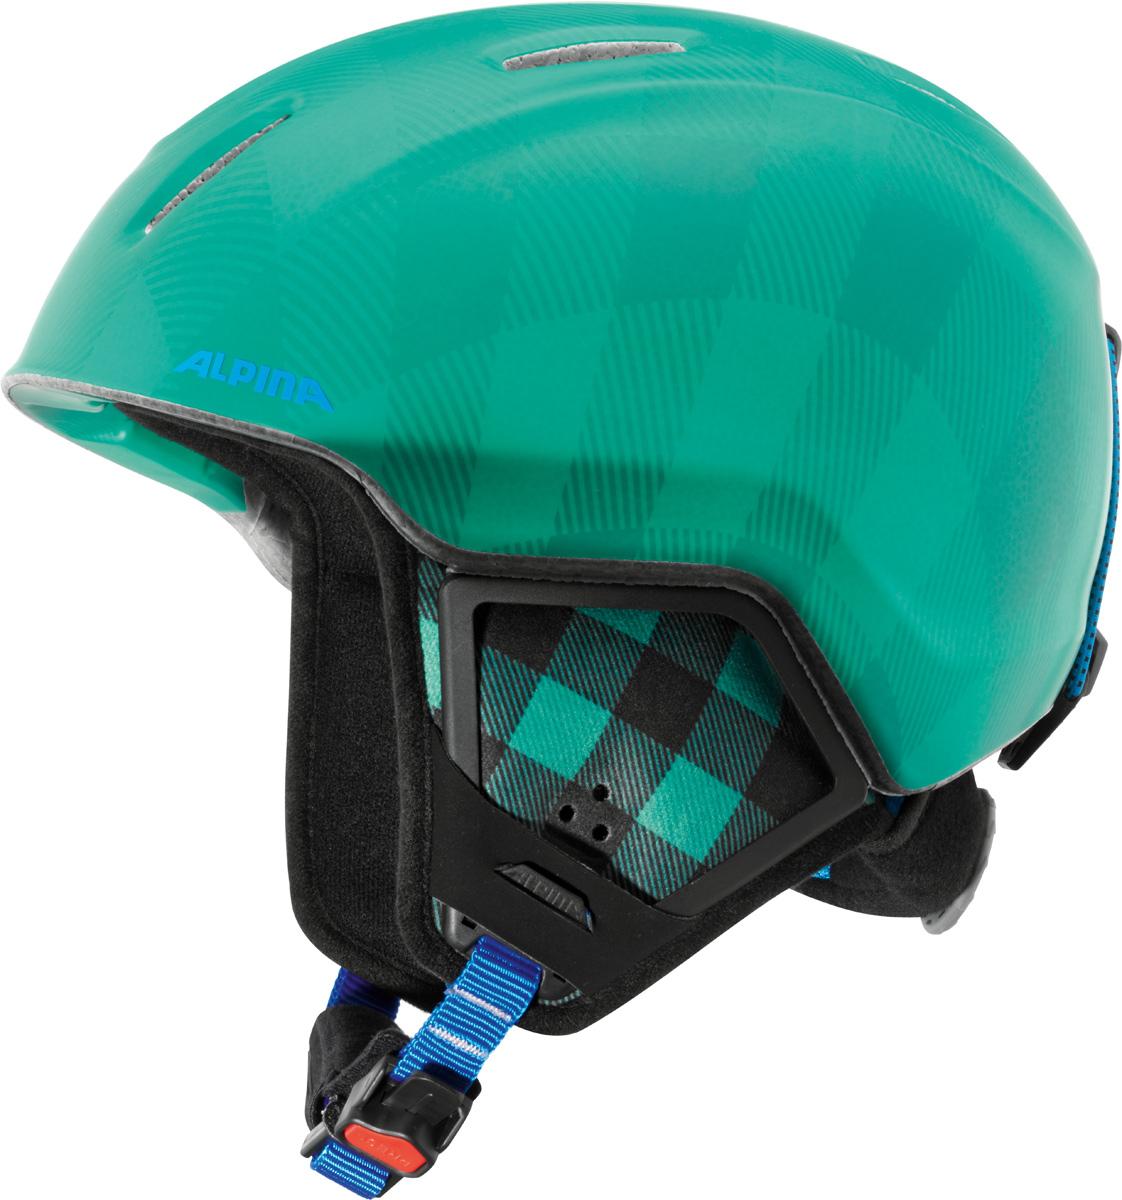 Шлем горнолыжный детский Alpina Carat XT, цвет: зеленый. A9080_70. Размер 51-55A9080_70Модификация популярнейшего детского горнолыжного шлема Carat с мягкими ушками, которые обеспечивают хорошую вентиляцию и не мешают слуху.Вентиляционные отверстия препятствуют перегреву и позволяют поддерживать идеальную температуру внутри шлема. Для этого инженеры Alpina используют эффект Вентури, чтобы сделать циркуляцию воздуха постоянной и максимально эффективной.Внутренник шлема легко вынимается, стирается, сушится и вставляется обратно.Из задней части шлема можно достать шейный утеплитель из мягкого микро-флиса. Этот теплый воротник также защищает шею от ударов на высокой скорости и при сибирских морозах. В удобной конструкции отсутствуют точки давления на шею.Прочная и легкая конструкция In-mold. Тонкая и прочная поликарбонатная оболочка под воздействием высокой температуры и давления буквально сплавляется с гранулами EPS, которые гасят ударную нагрузку.Внутренная оболочка каждого шлема Alpina состоит из гранул HI-EPS (сильно вспененного полистирола). Микроскопические воздушные карманы эффективно поглощают ударную нагрузку и обеспечивают высокую теплоизоляцию. Эта технология позволяет достичь минимальной толщины оболочки. А так как гранулы HI-EPS не впитывают влагу, их защитный эффект не ослабевает со временем.Удобная и точная система регулировки Run System Ergo Snow позволяет быстро и комфортно подогнать шлем по голове, без создания отдельных точек избыточного давления.Y-образный ремнераспределитель двух ремешков находится под ухом и обеспечивает быструю и точную посадку шлема на голове.Вместо фастекса на ремешке используется красная кнопка с автоматическим запирающим механизмом, которую легко использовать даже в лыжных перчатках. Механизм защищён от произвольного раскрытия при падении.